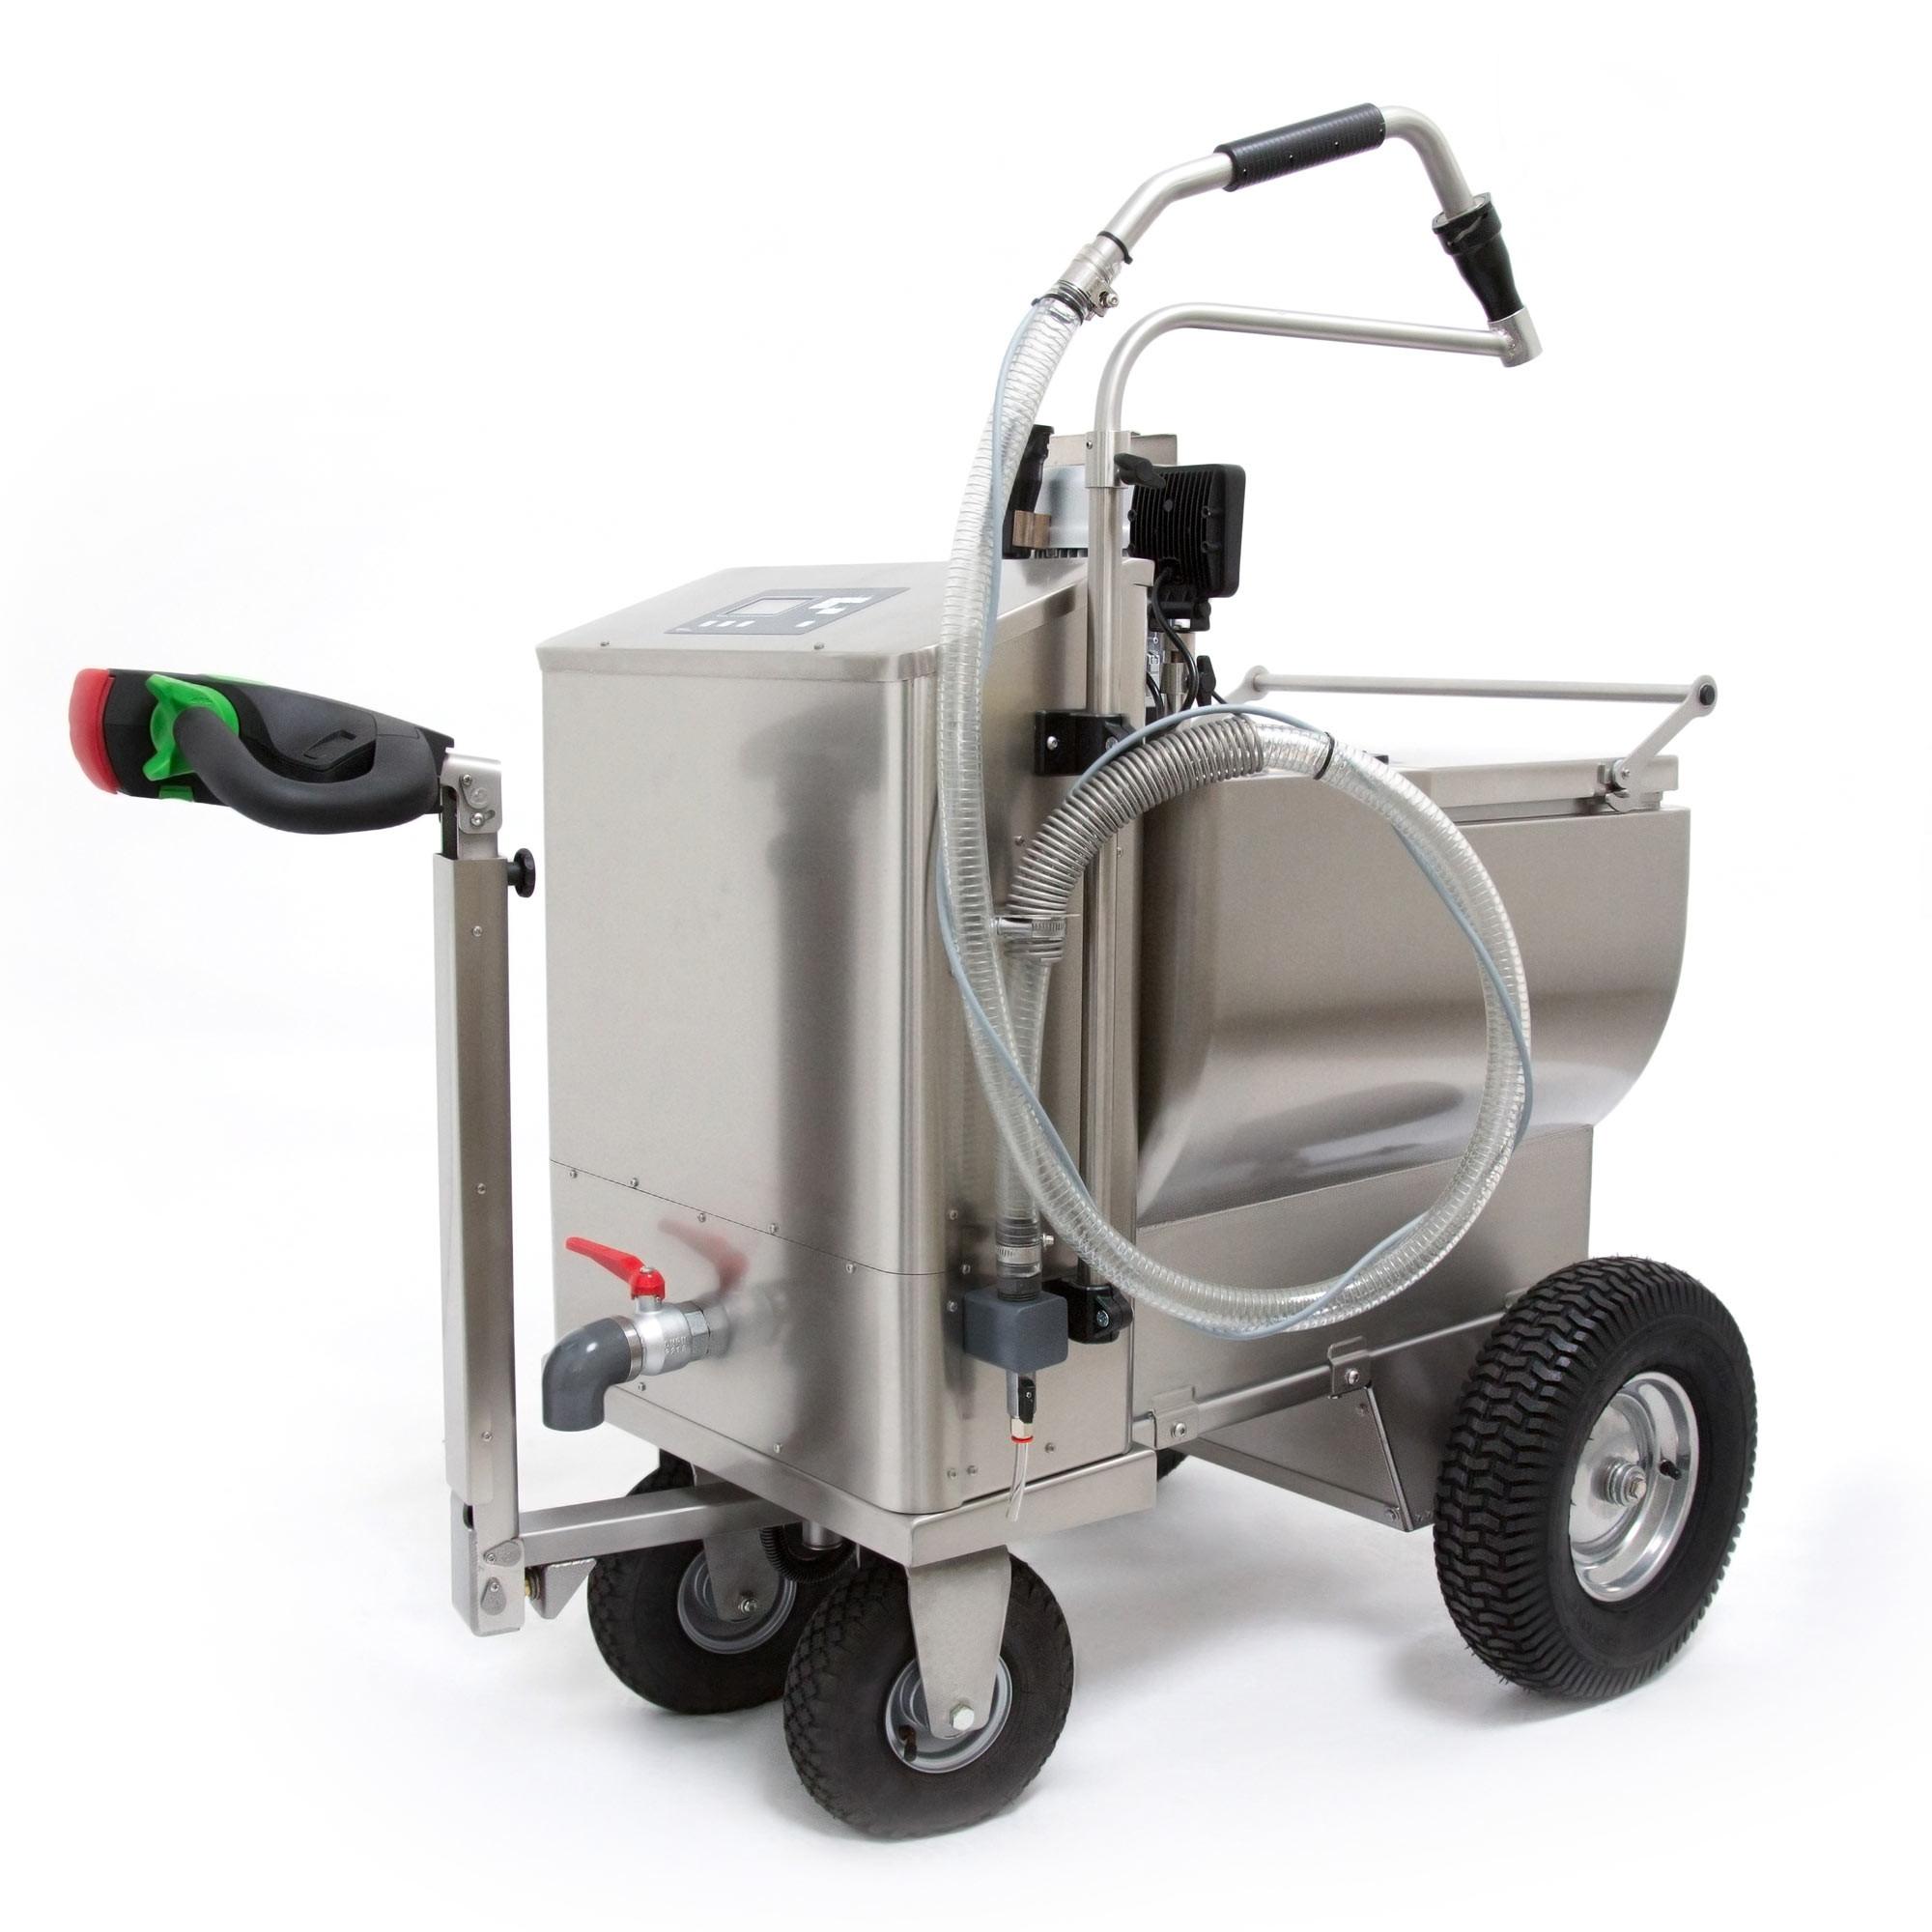 Chariot à lait LA BUVETTE MILCHMOBIL 4x4 120 litres